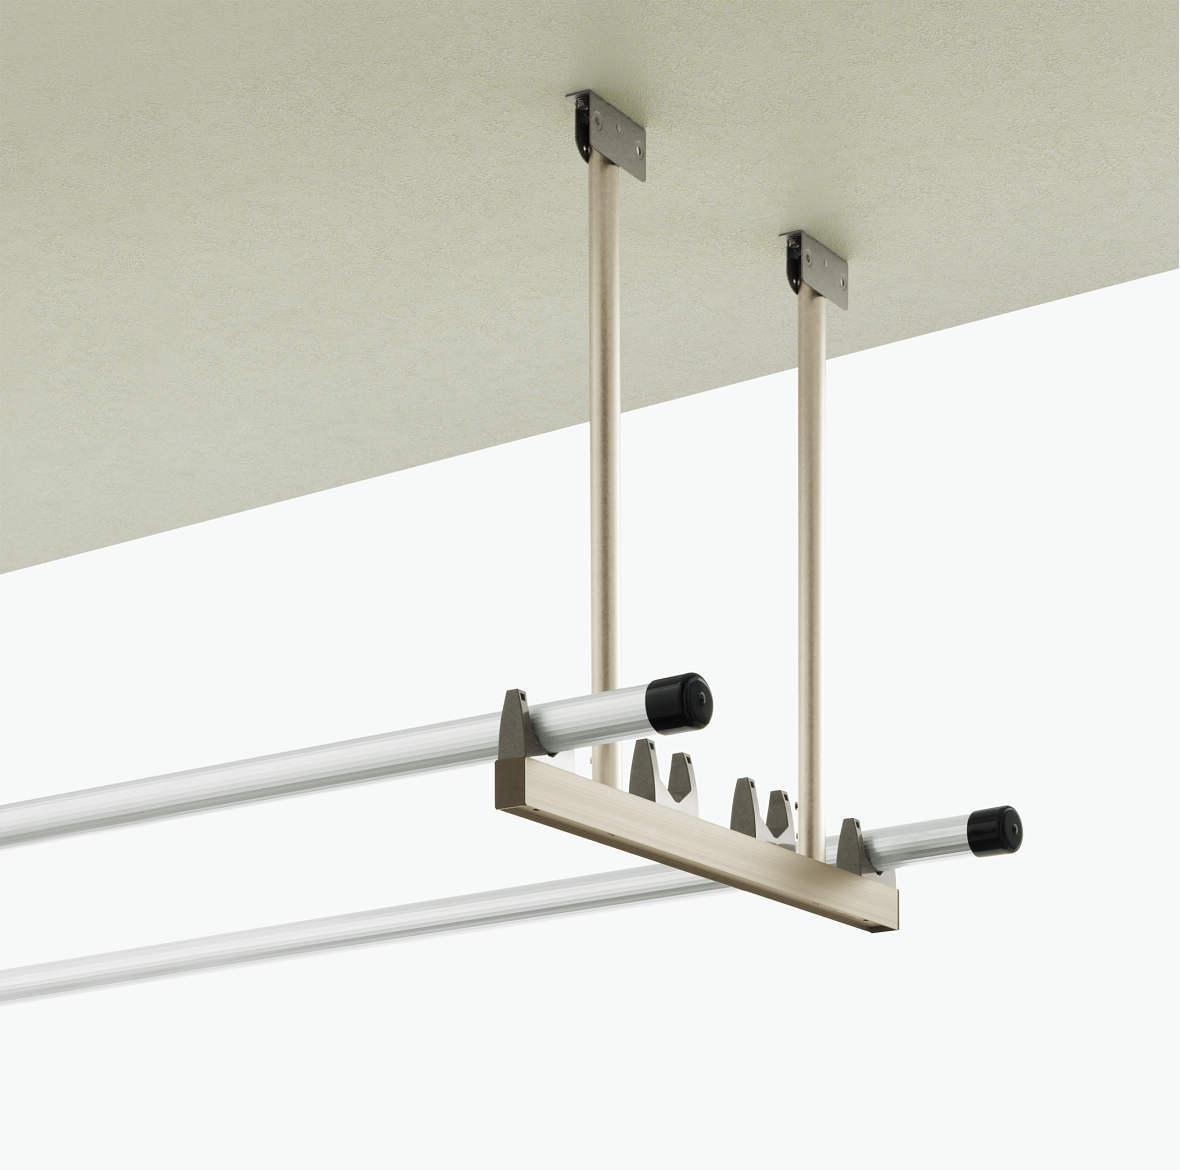 アルミ製吊り下げ式固定物干し2本1組 ロングタイプ